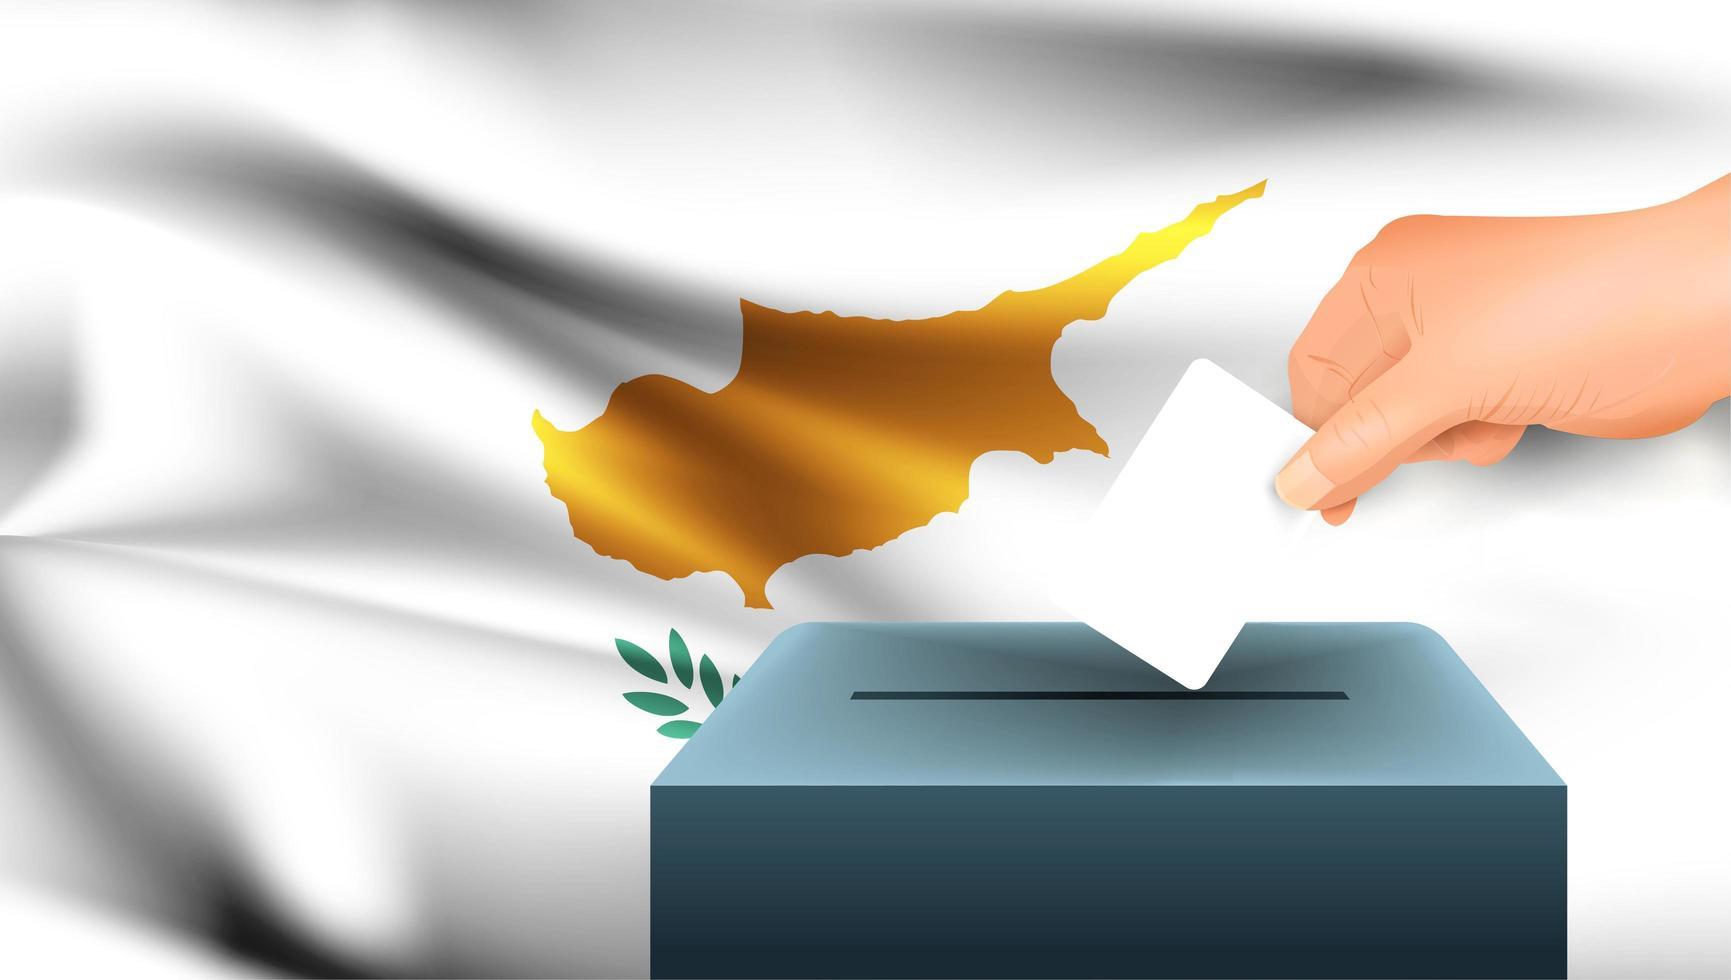 Poner la mano en la urna con la bandera de Chipre vector